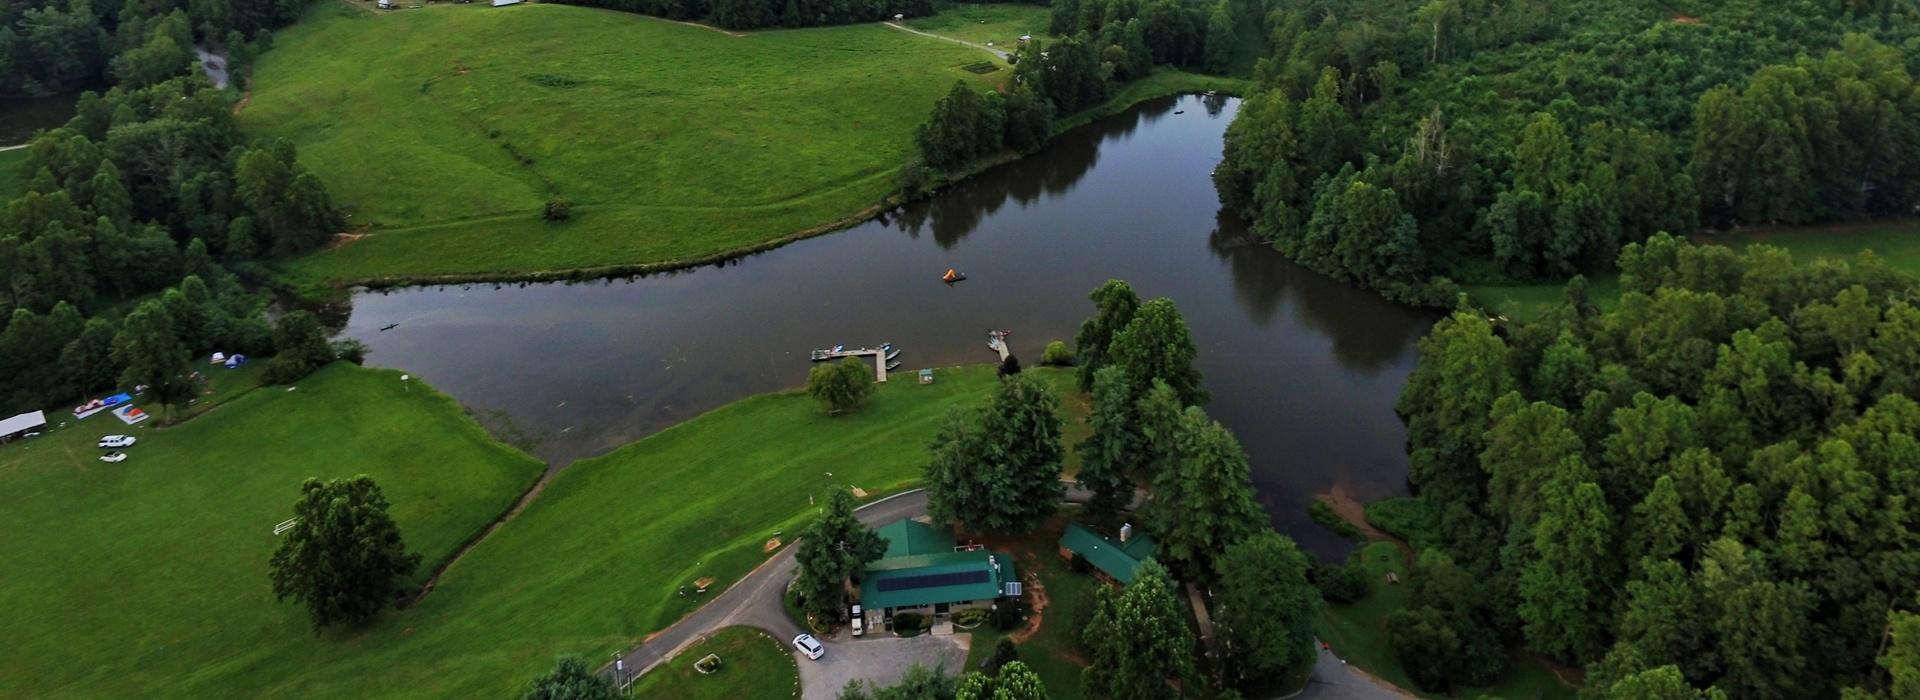 Orchard Lake Campground - Saluda, North Carolina - Activities